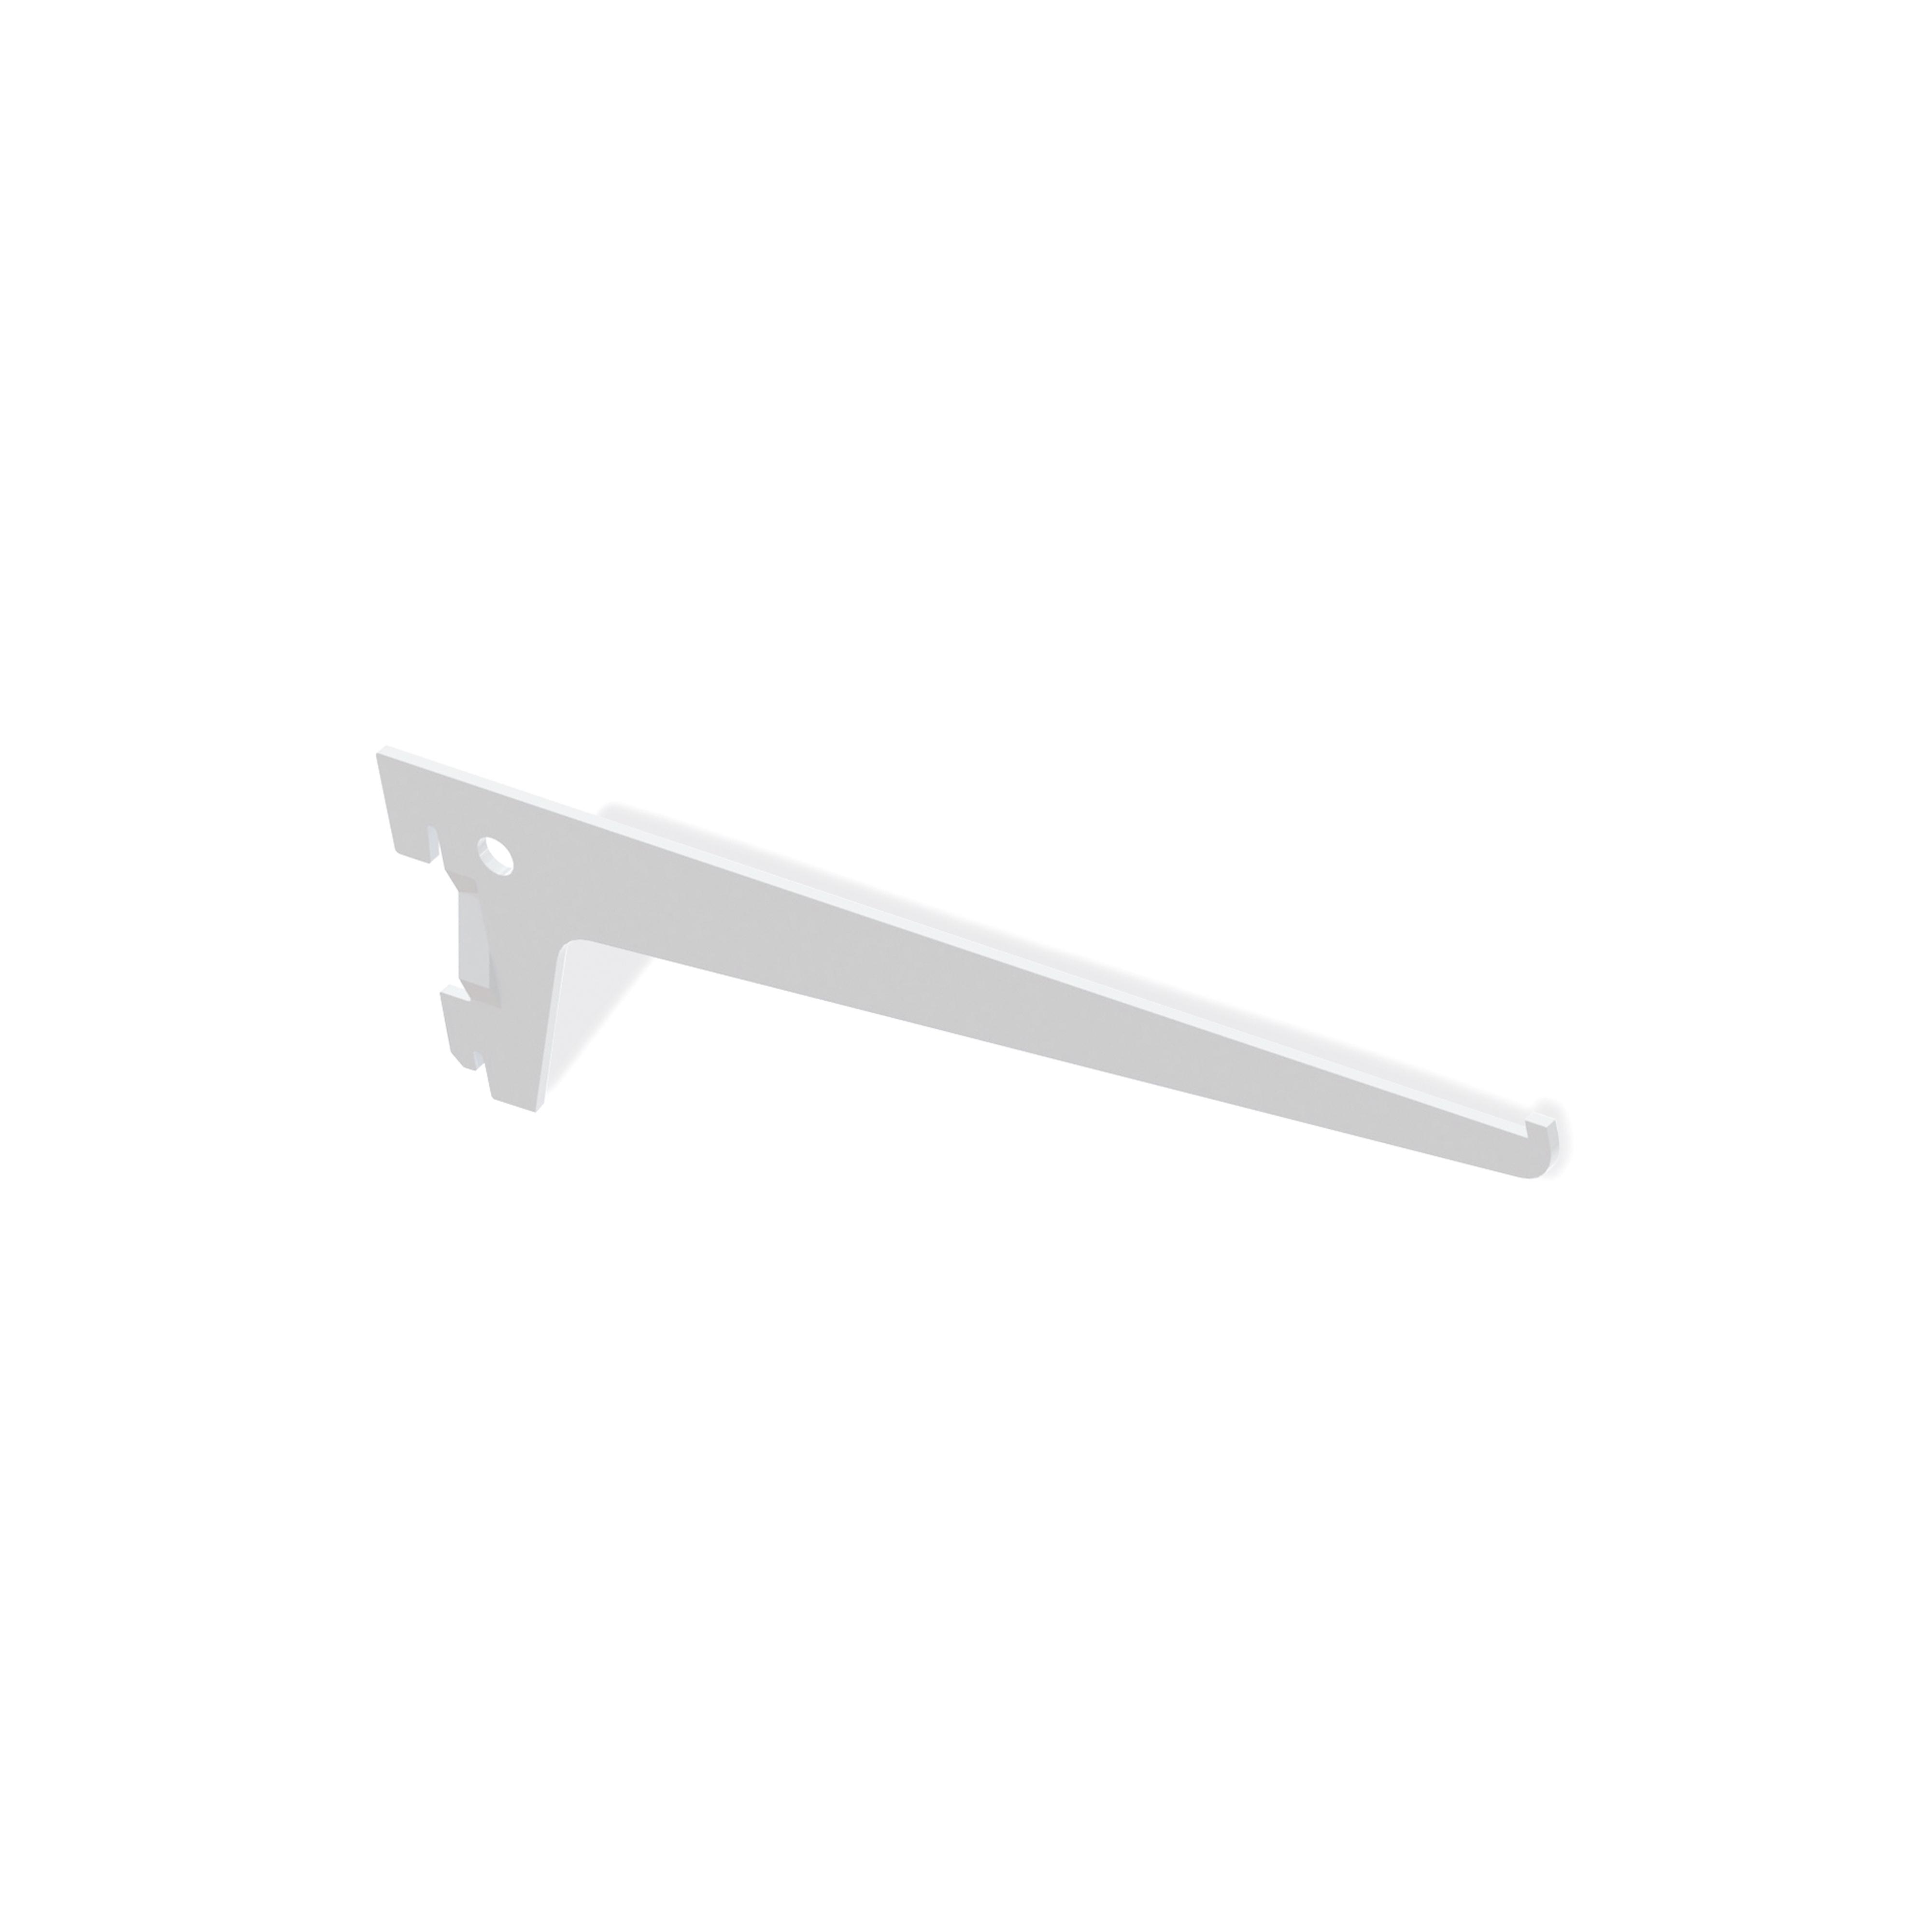 Emuca Supporto per ripiano di legno/vetro, profilo a passo 50 mm, 400 mm, Acciaio, Bianco